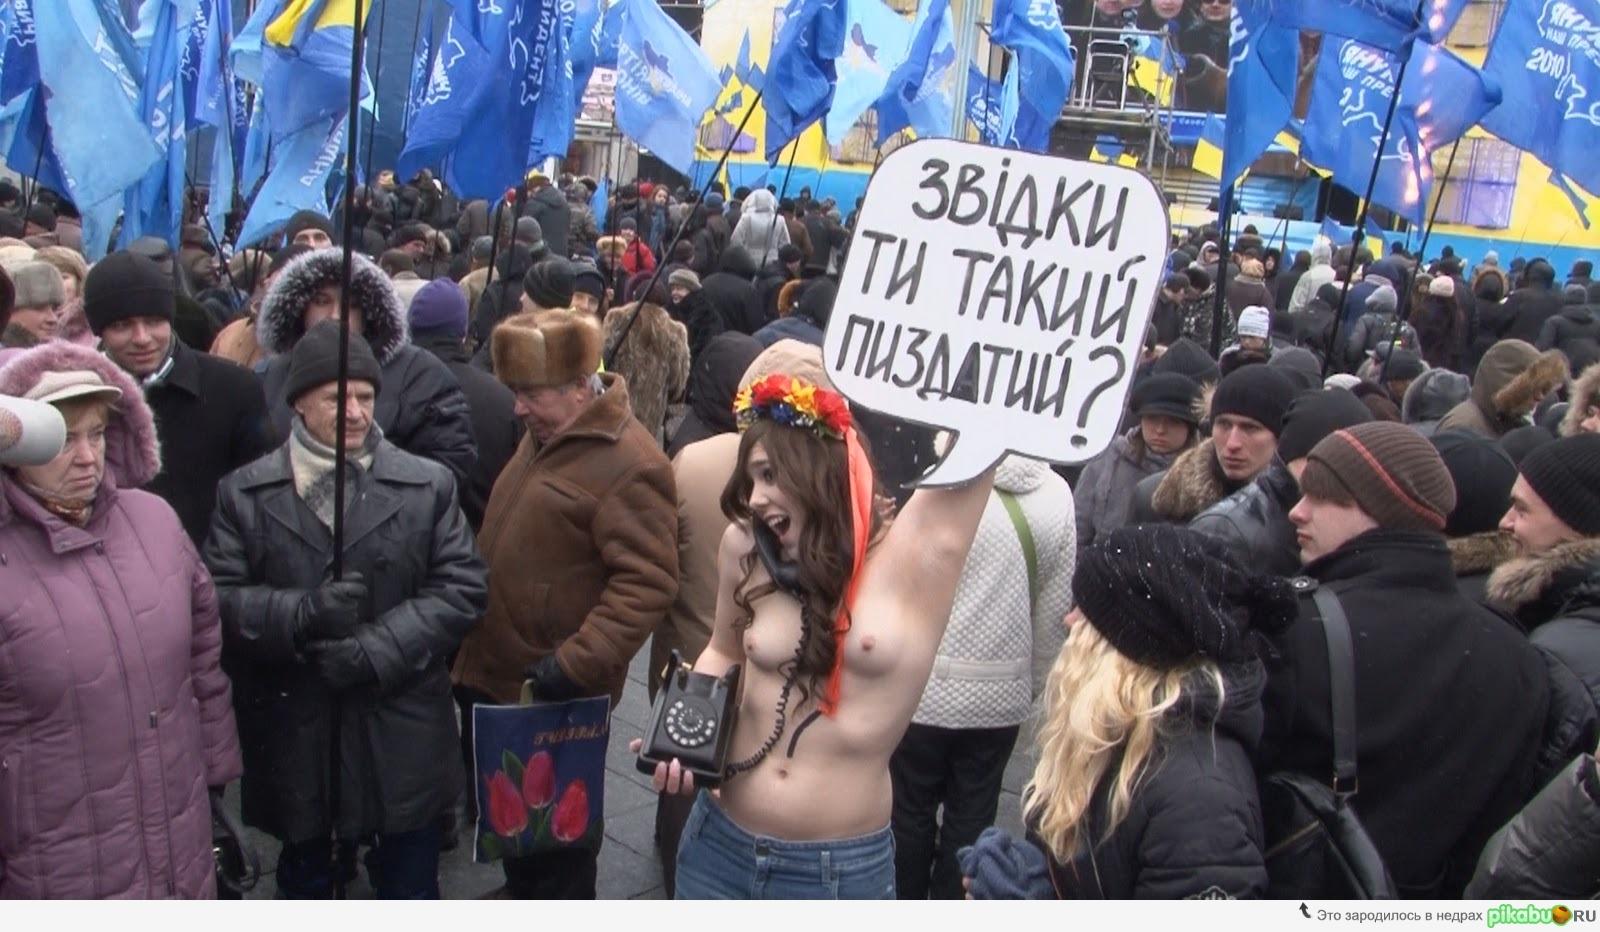 Украинский девушки голые, Голые Украинки - сиськи и попки украинских девушек 5 фотография